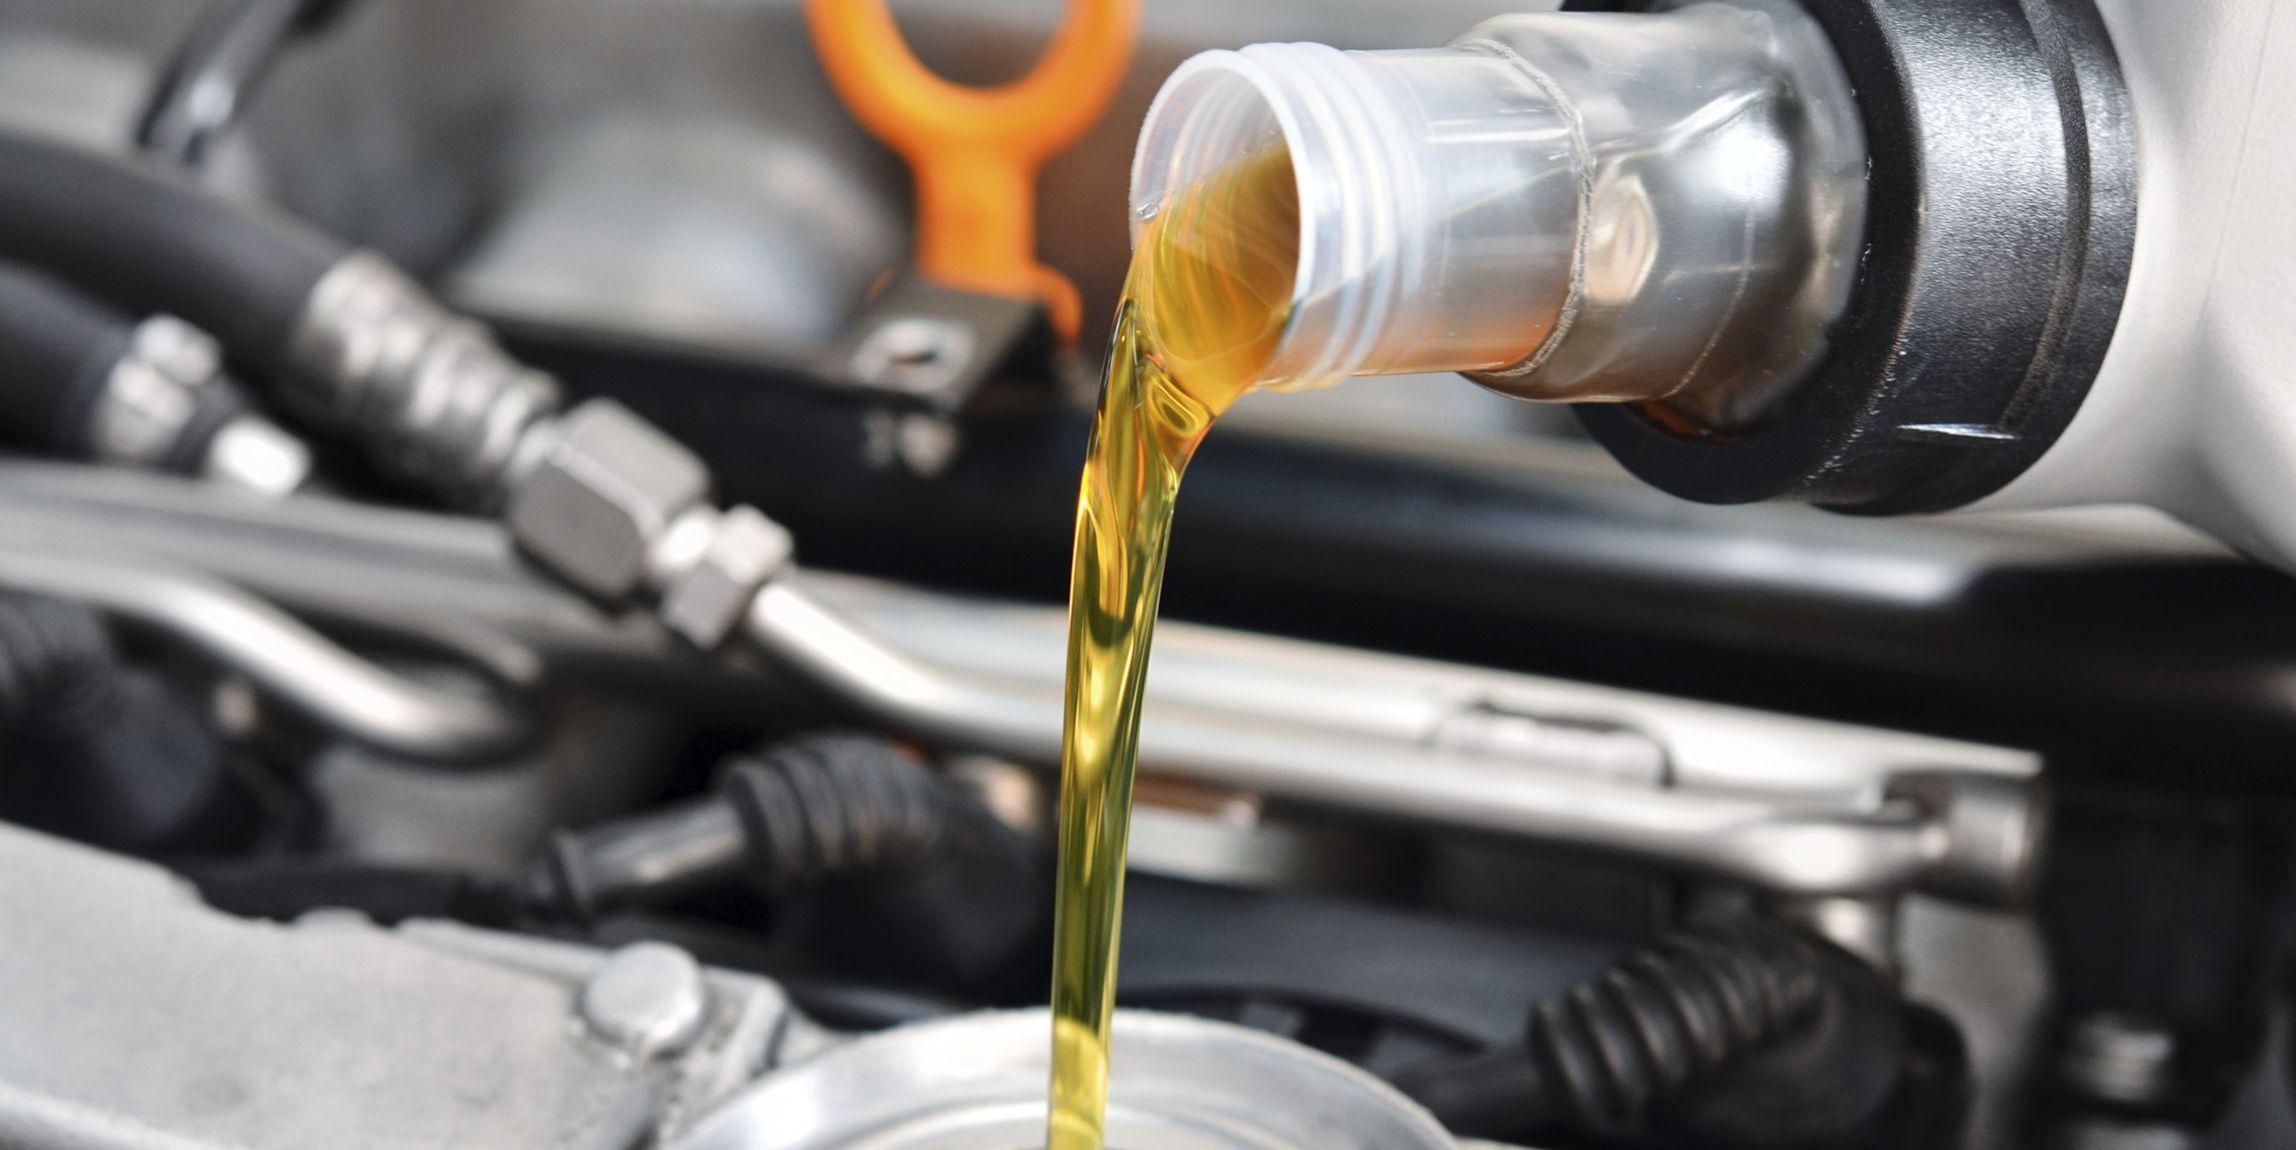 Oil Change Service Near Des Moines, IA